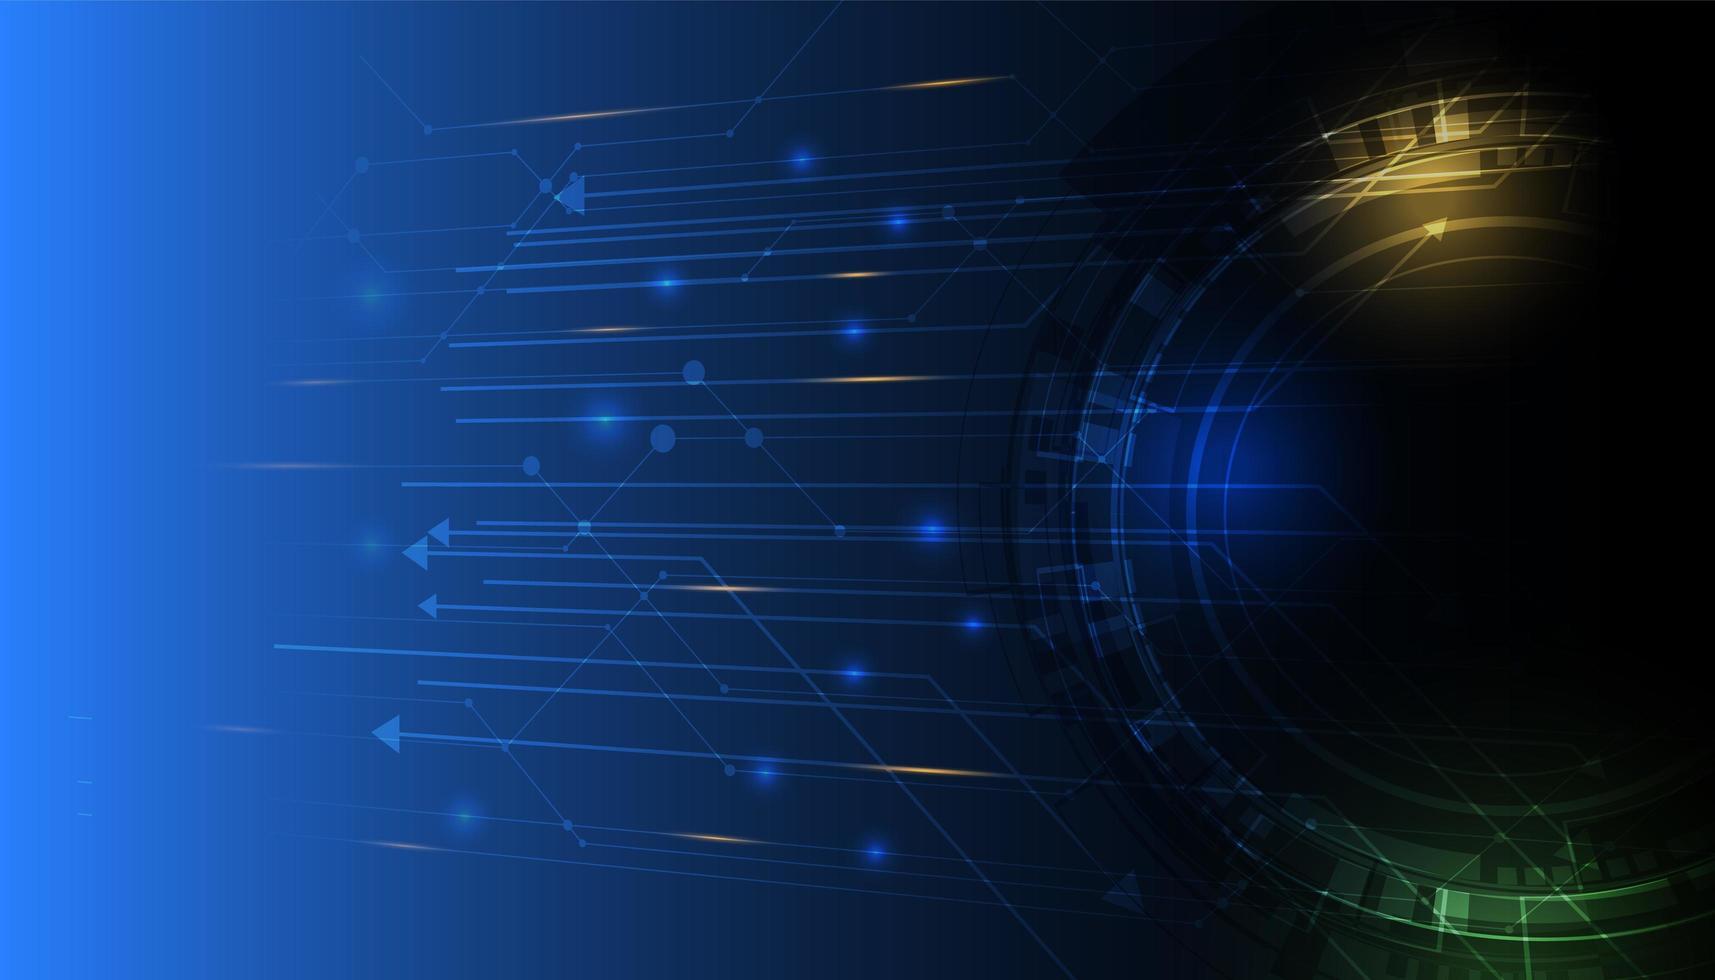 abstrakter Technologiehintergrund mit leuchtendem Schaltungsmuster vektor